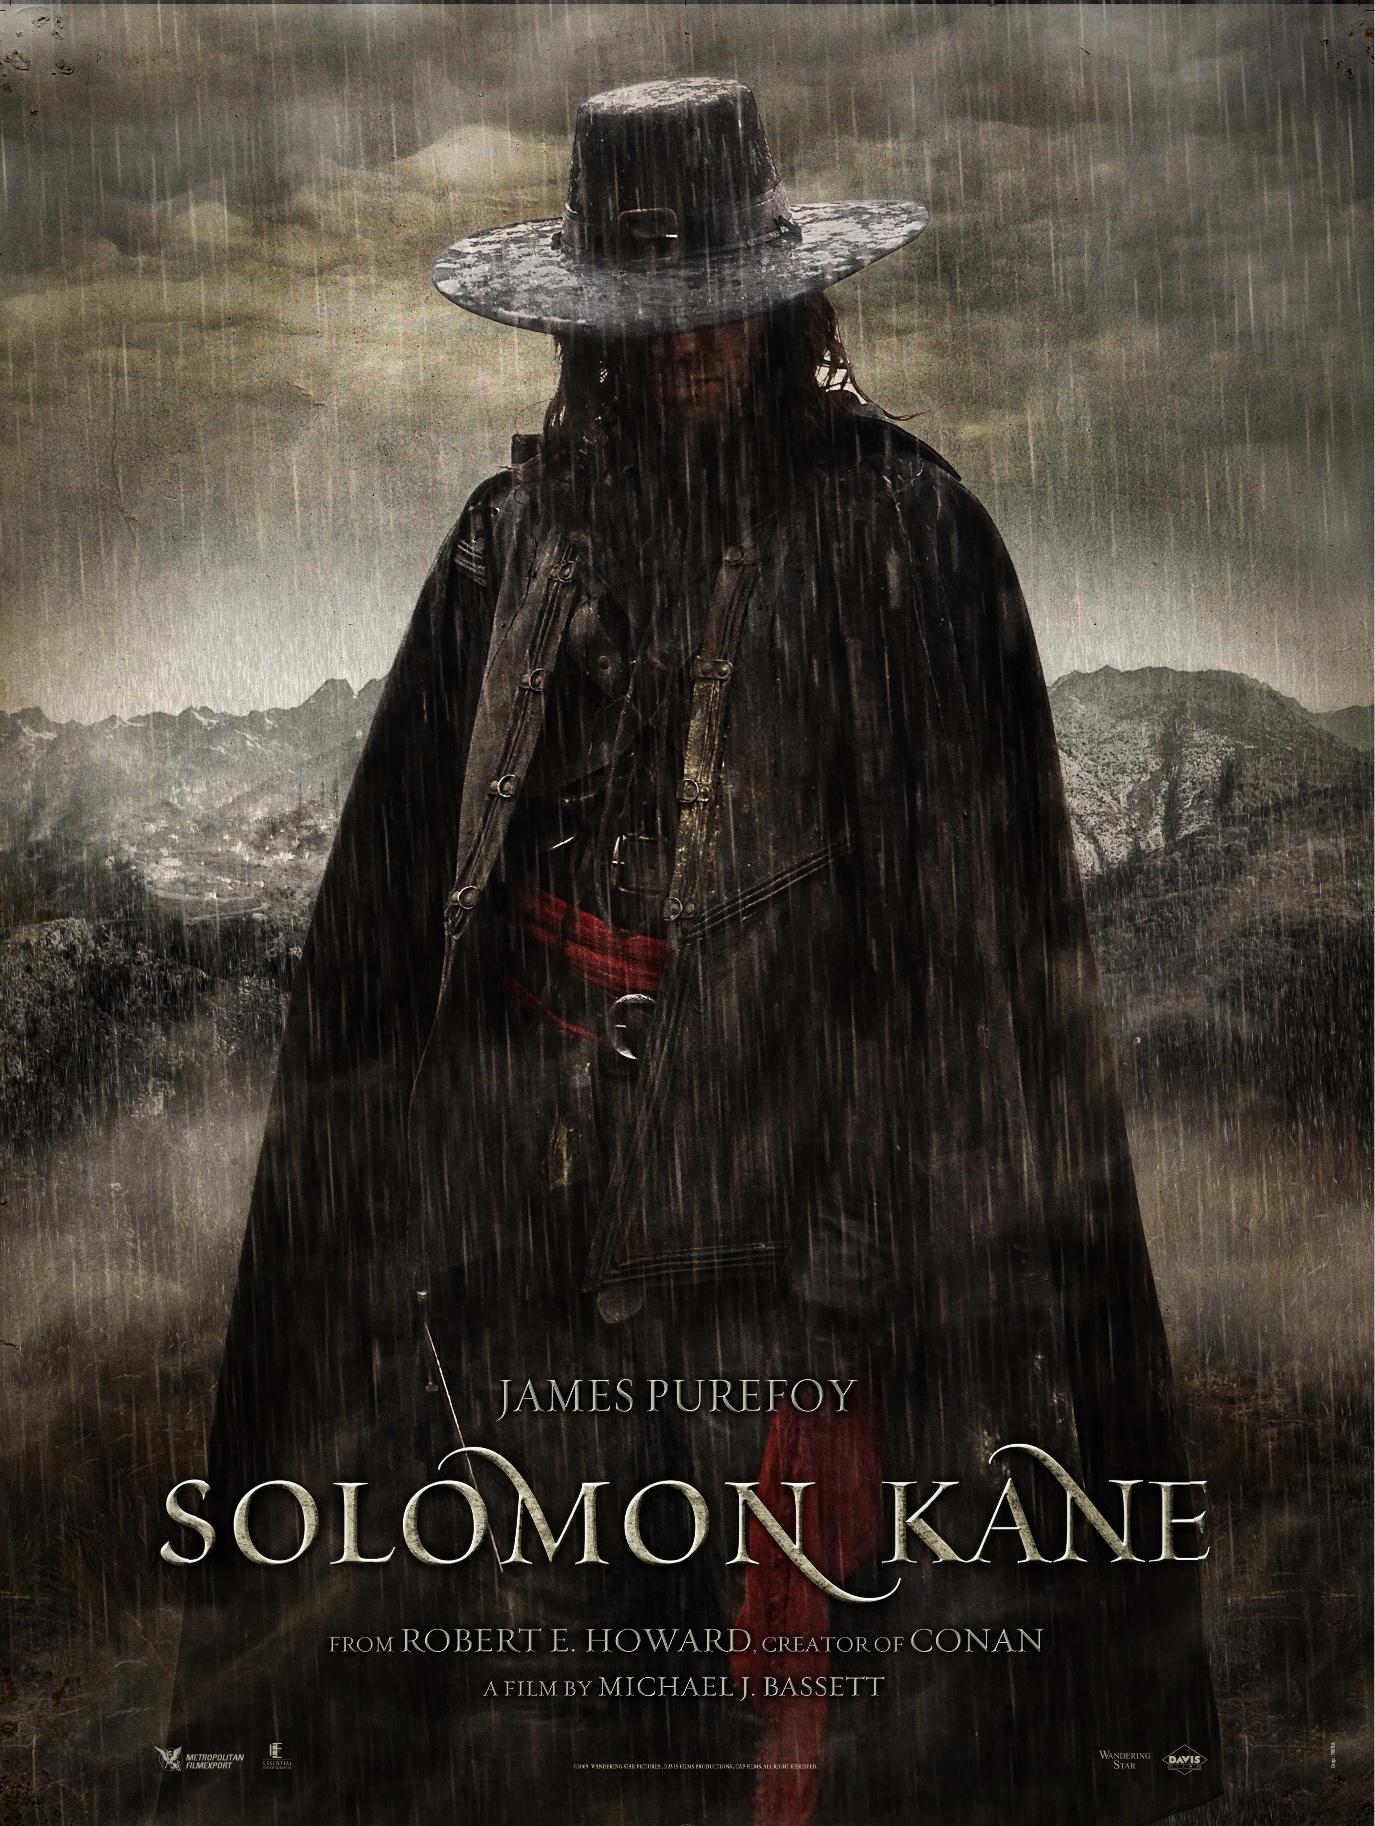 სოლომონ კეინი / Solomon Kane